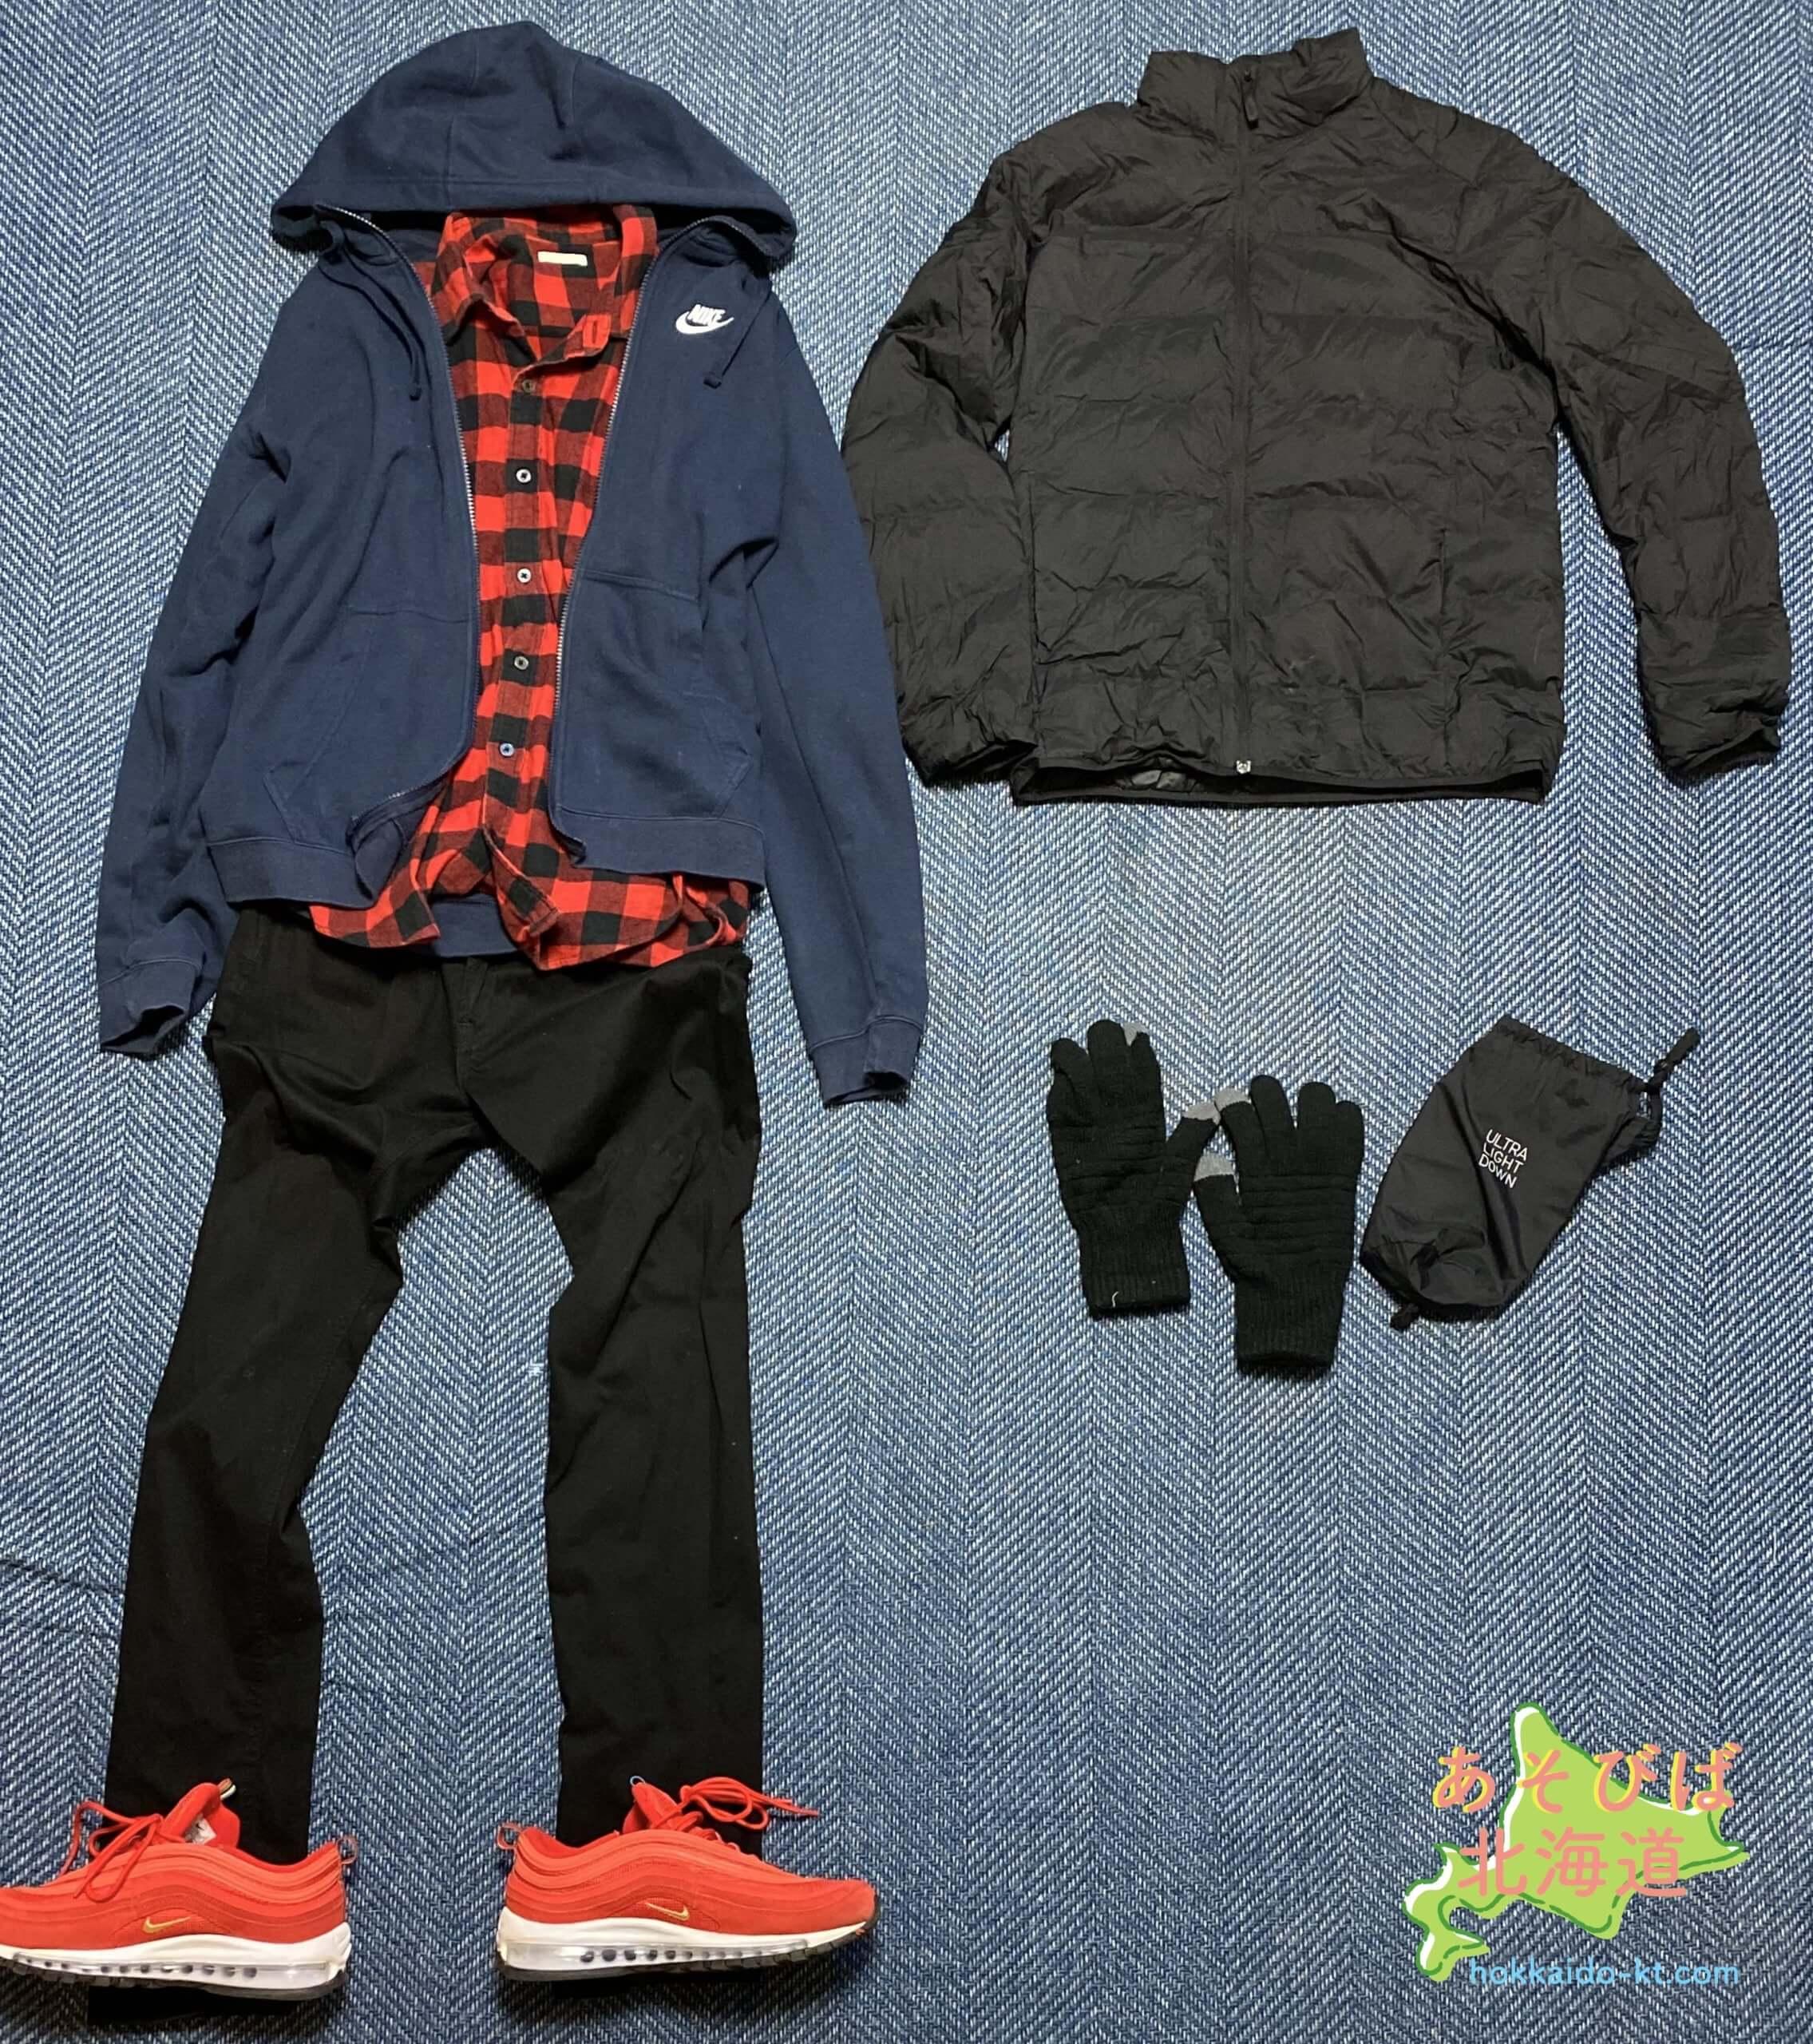 4月の北海道のおすすめの服装